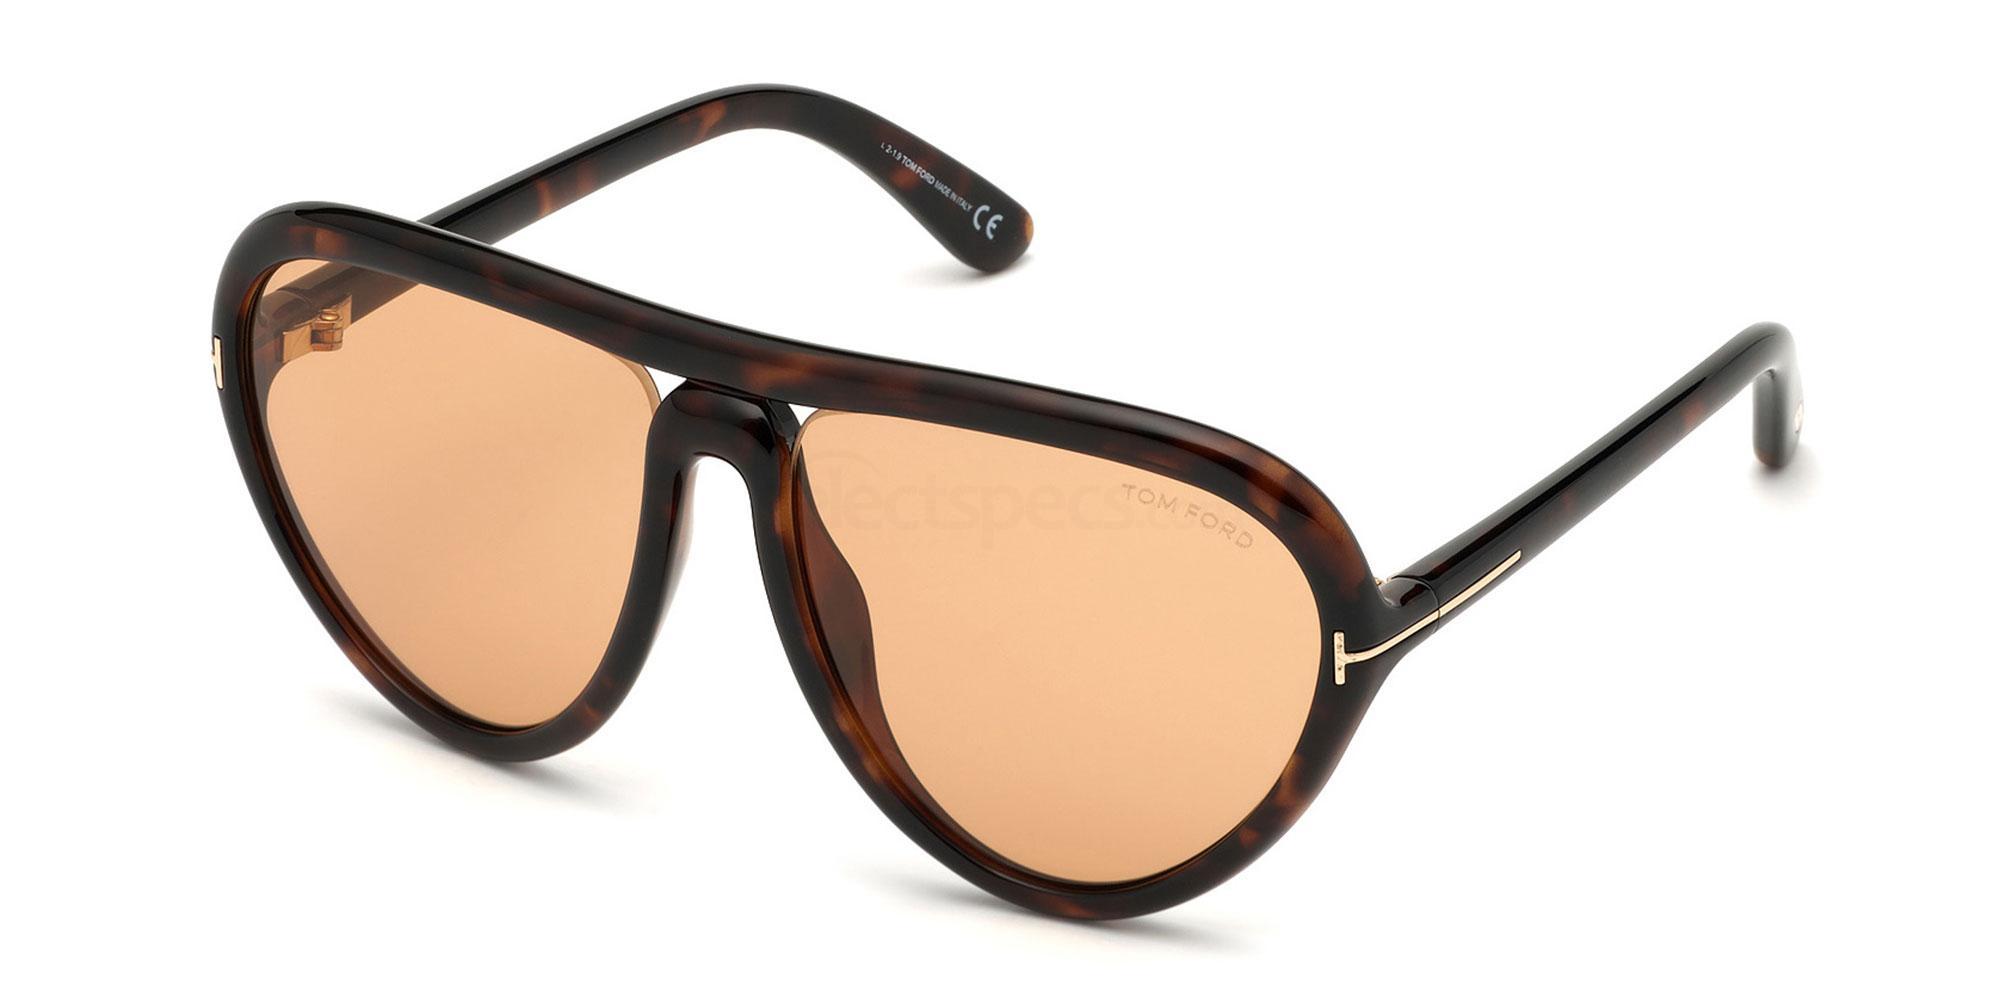 52E FT0769 Sunglasses, Tom Ford